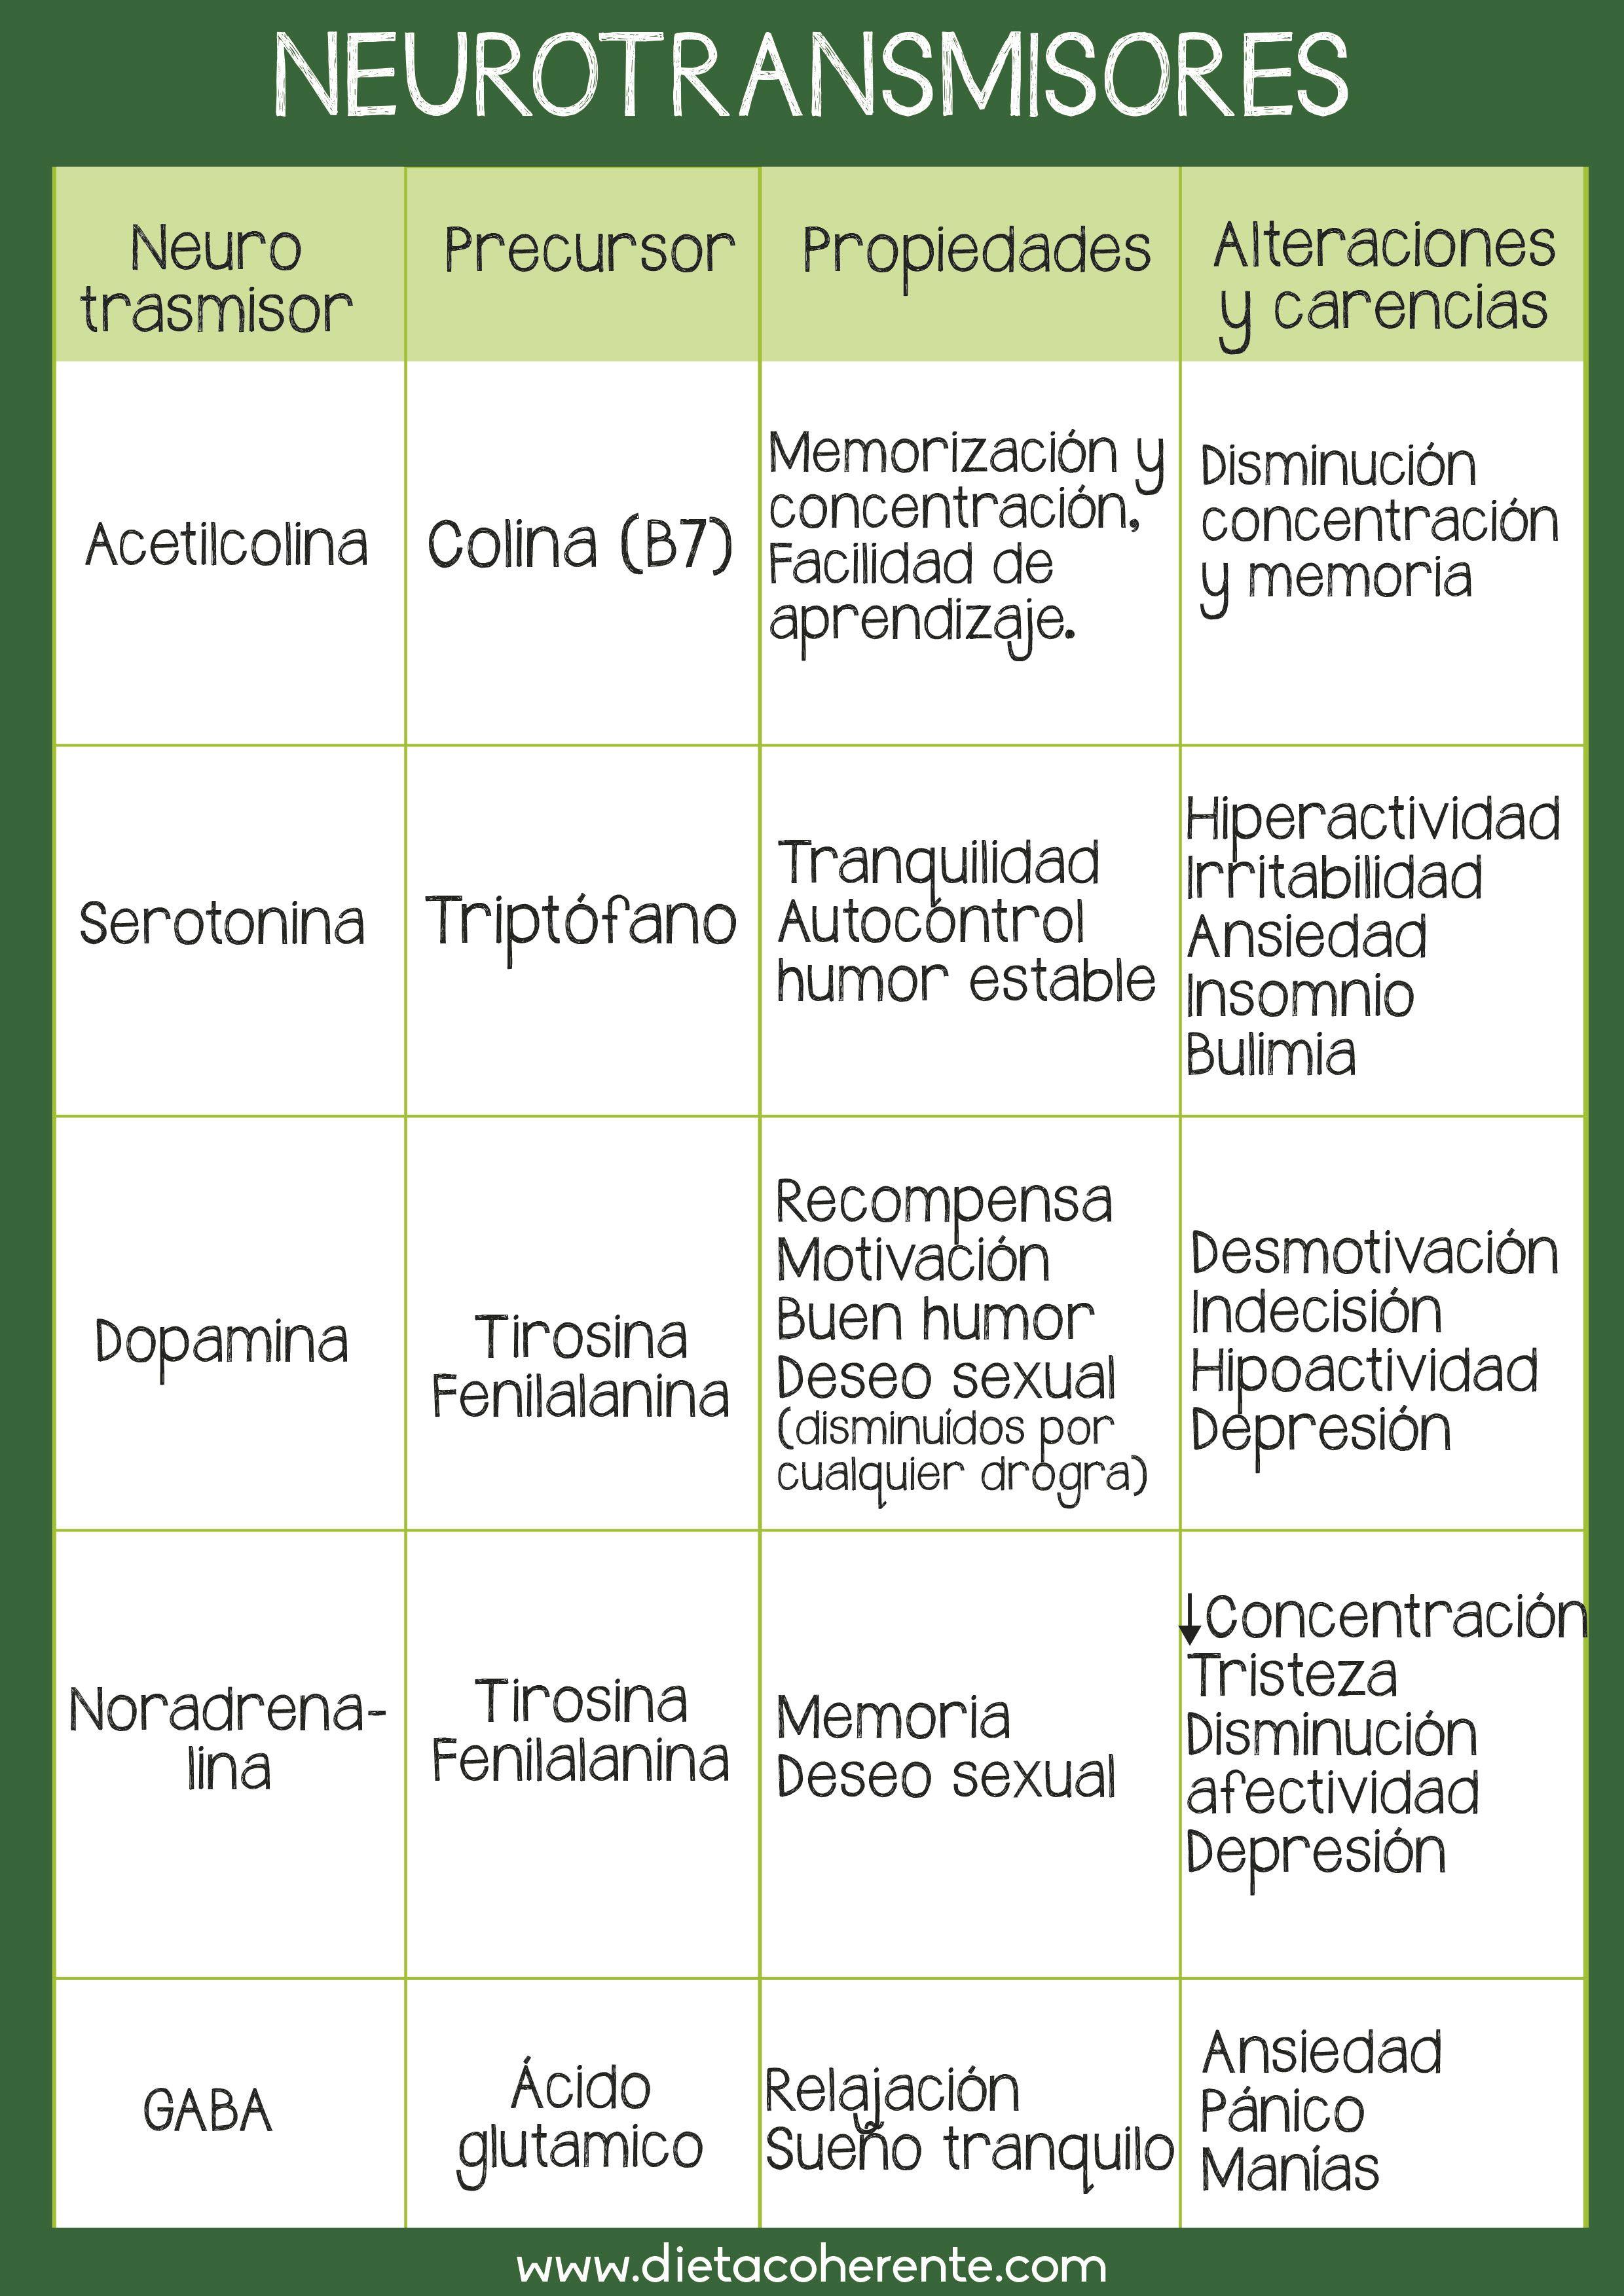 Neurotrasmisores Psicobiologia Neurotransmisores Anatomia Y Fisiologia Humana